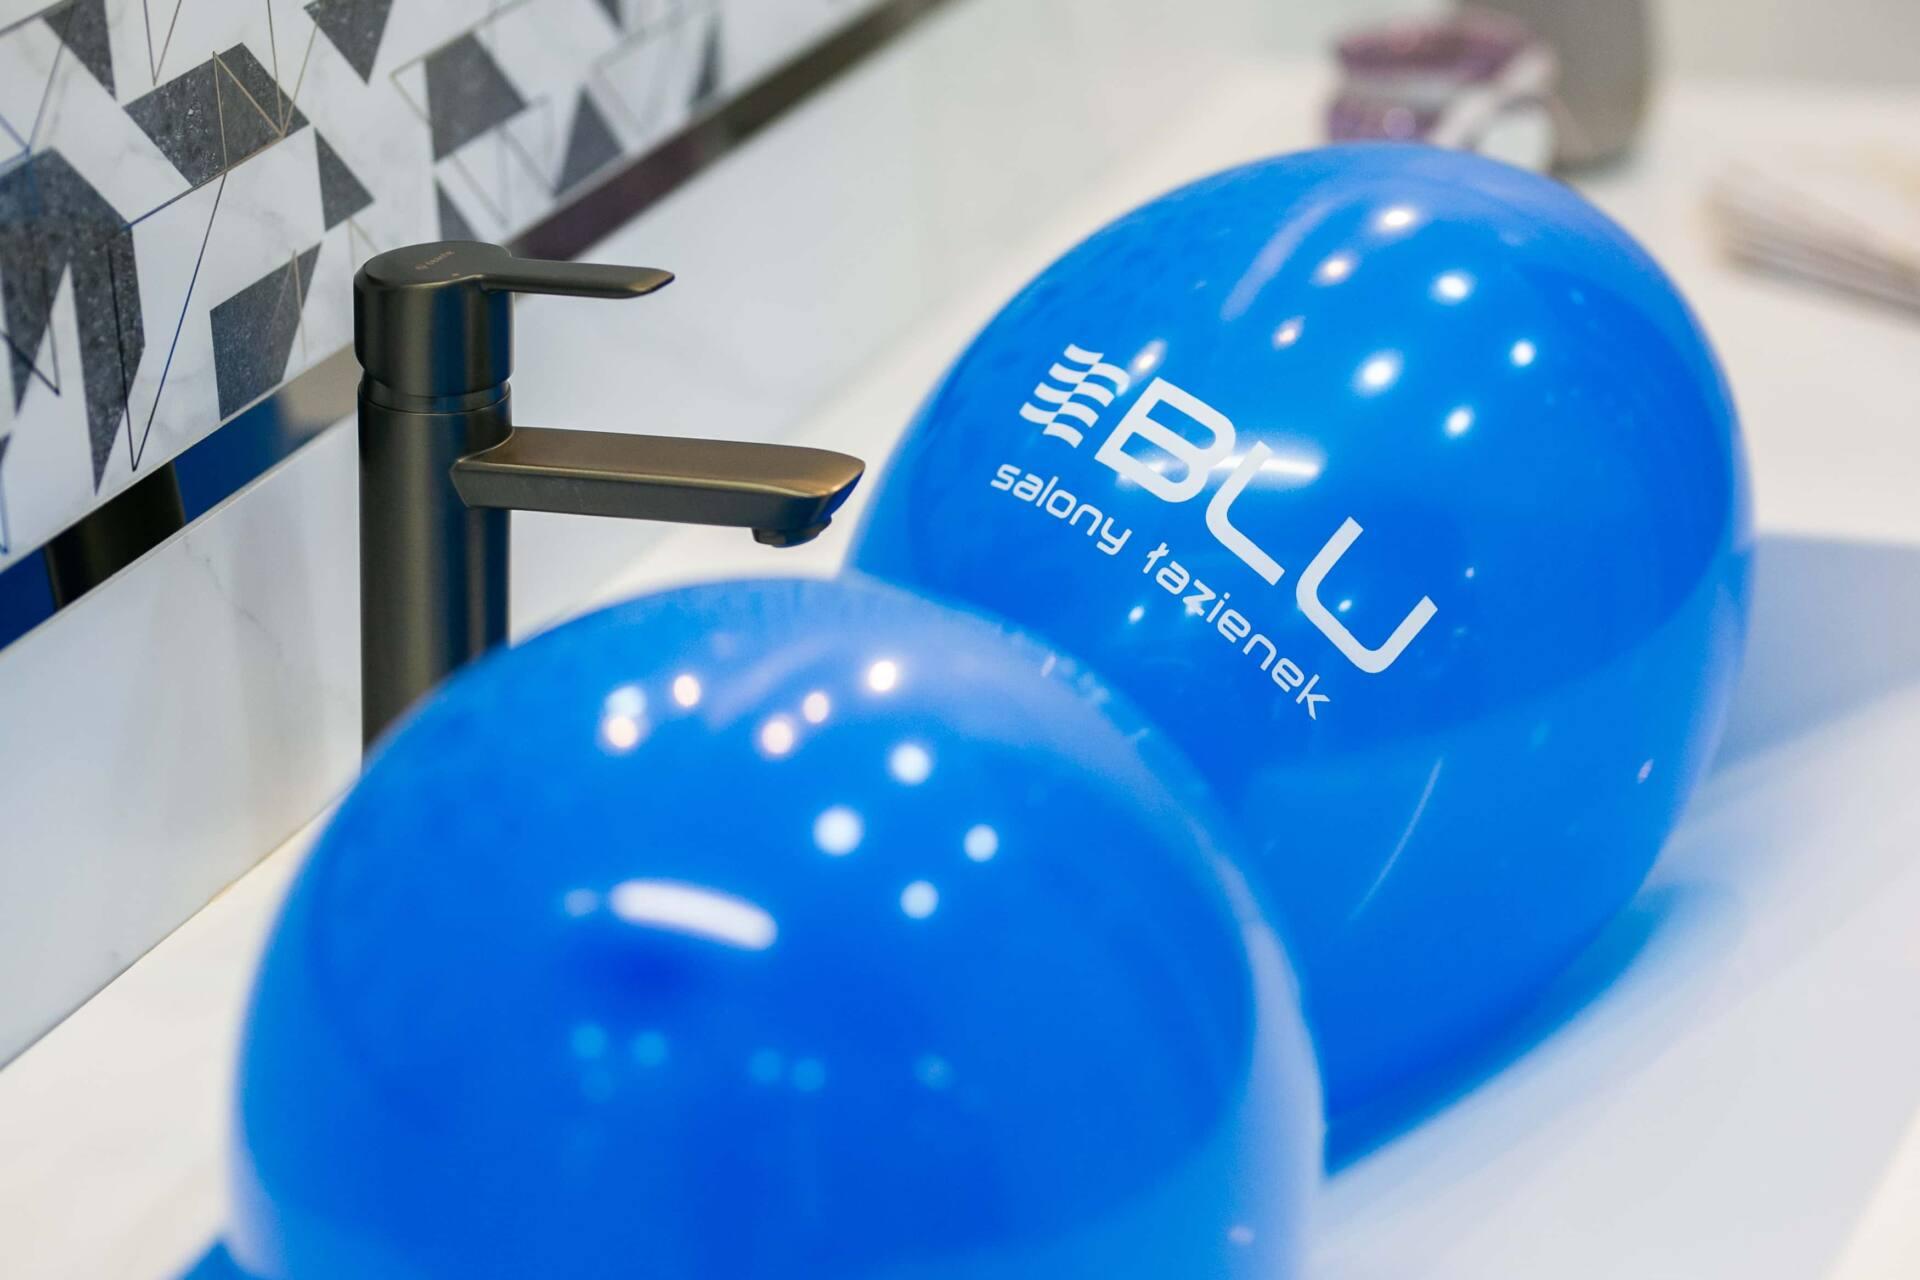 5db 5629 Nowy salon łazienek BLU w Zamościu już otwarty! Publikujemy 80 zdjęć